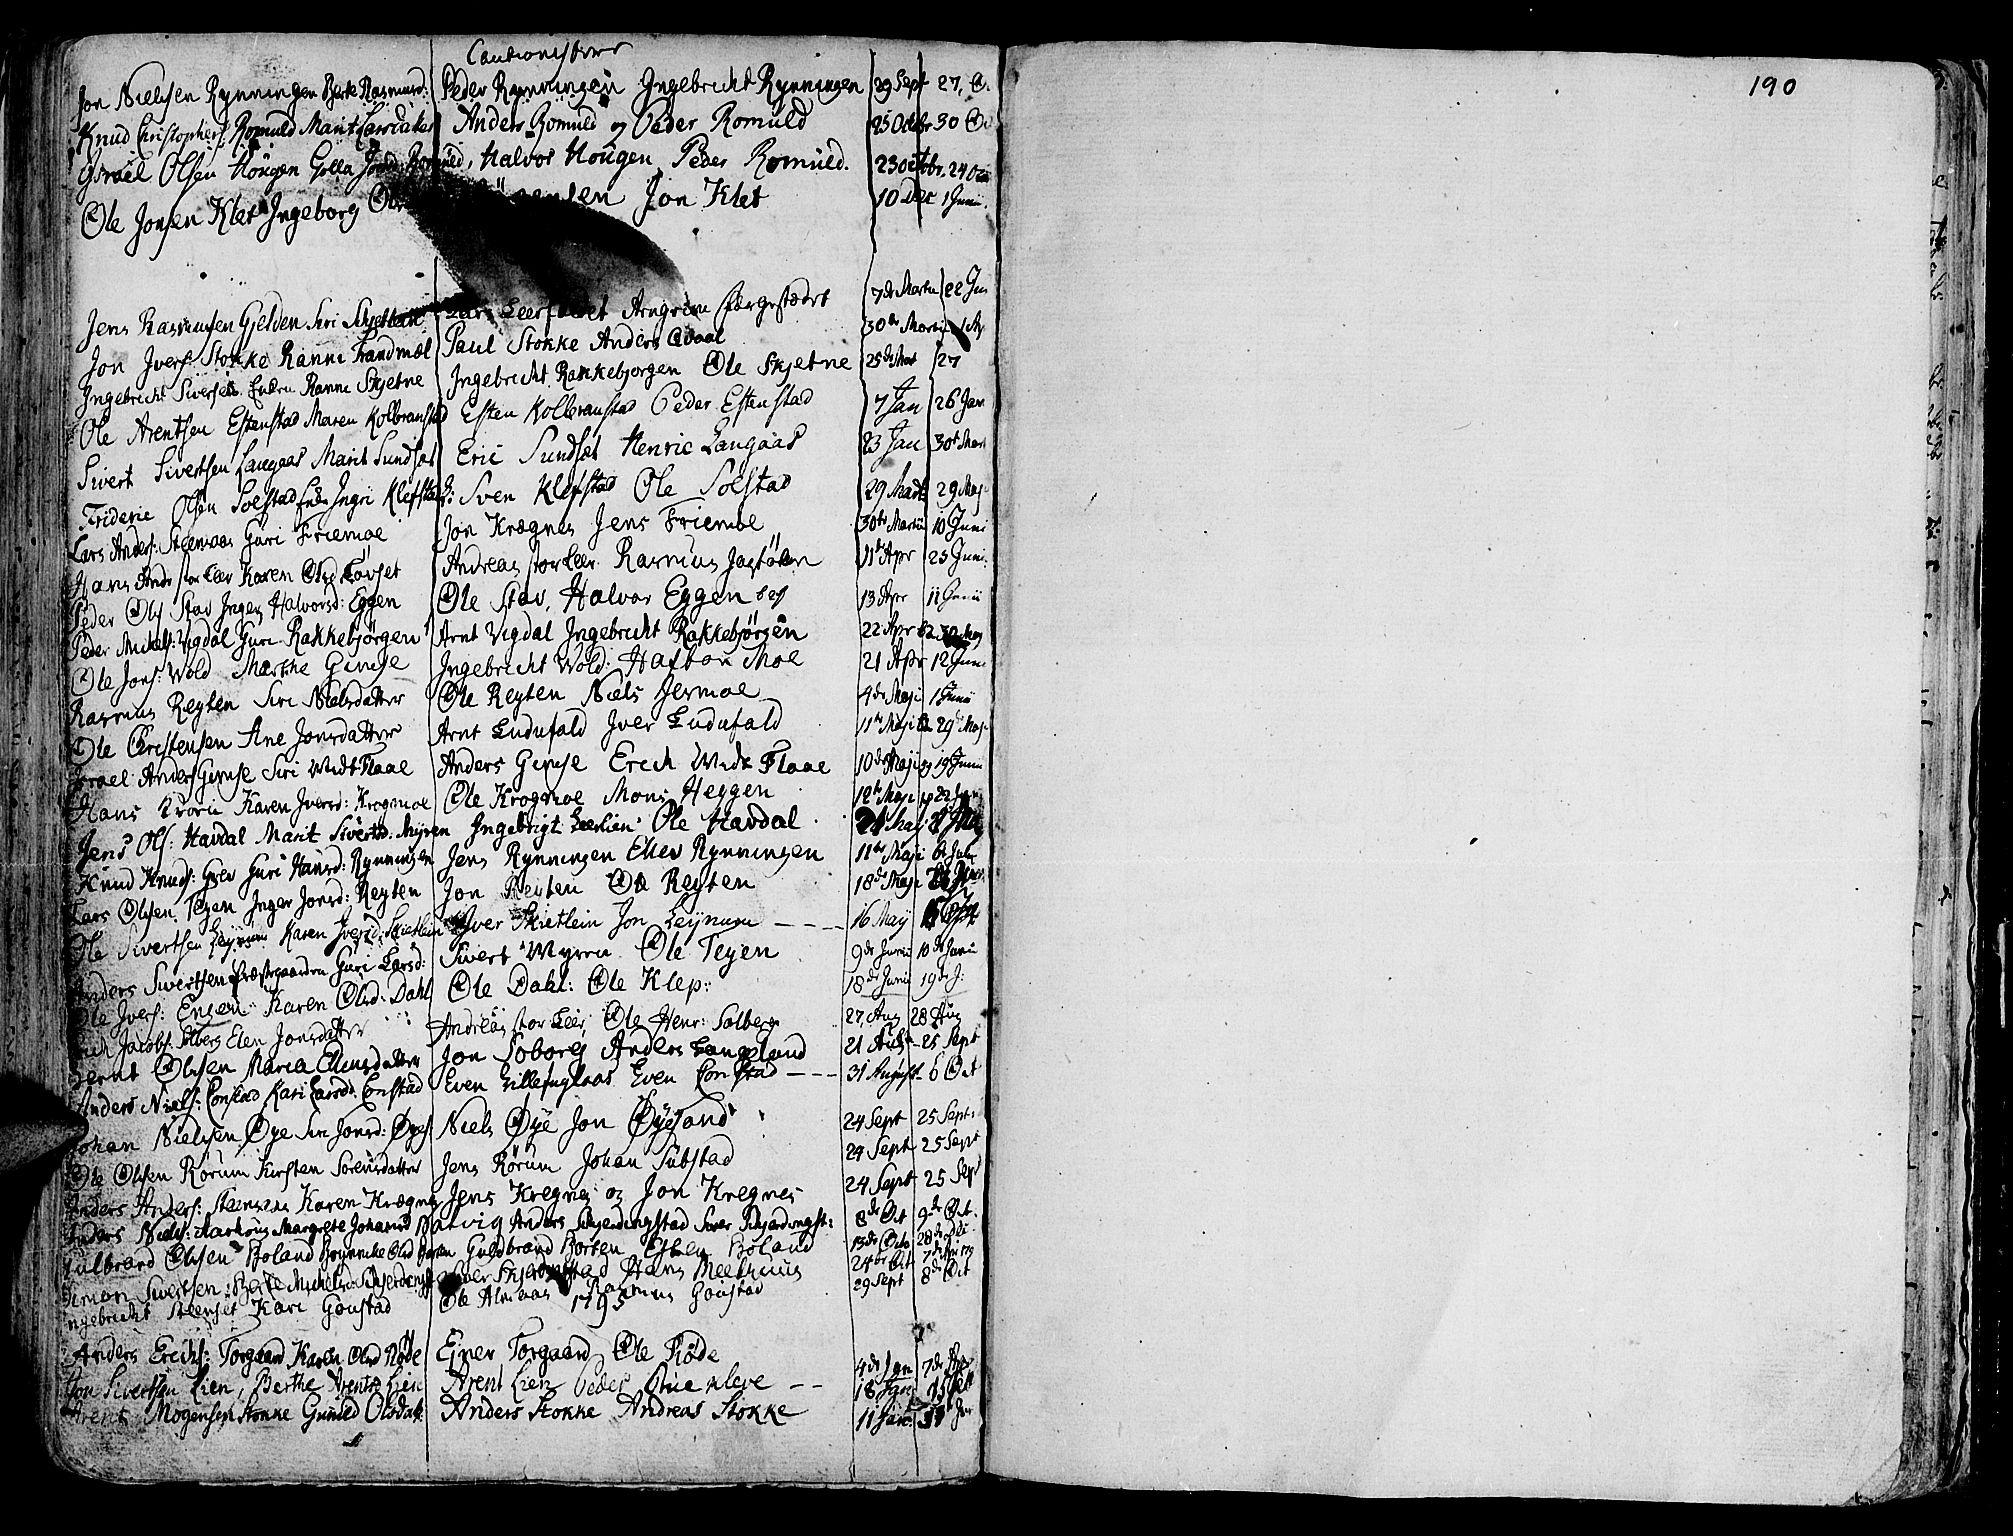 SAT, Ministerialprotokoller, klokkerbøker og fødselsregistre - Sør-Trøndelag, 691/L1061: Ministerialbok nr. 691A02 /1, 1768-1815, s. 190